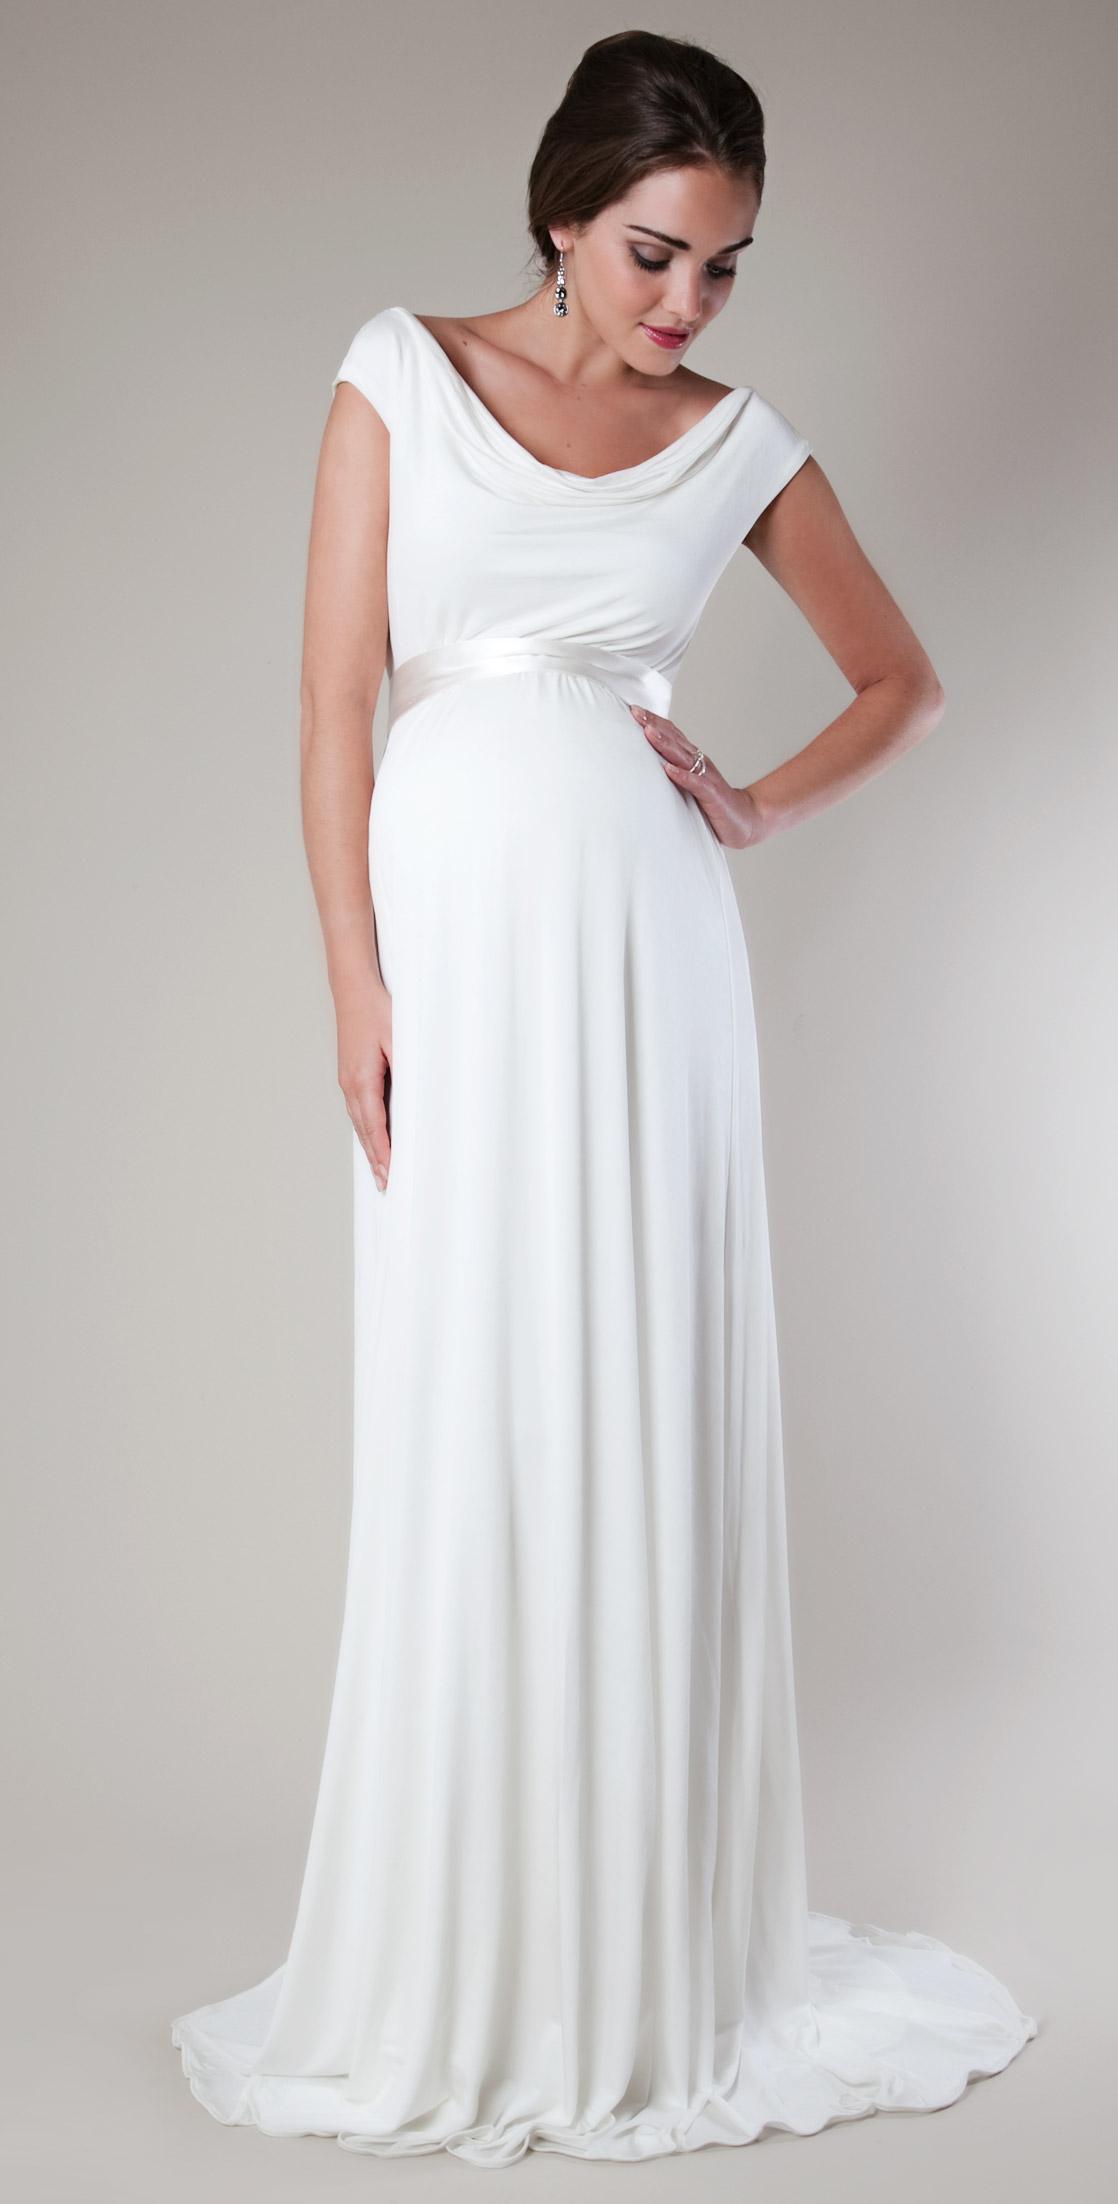 a69b5d196 vestido de novia premamá vestido novia embarazada vestido novia embarazada  ...